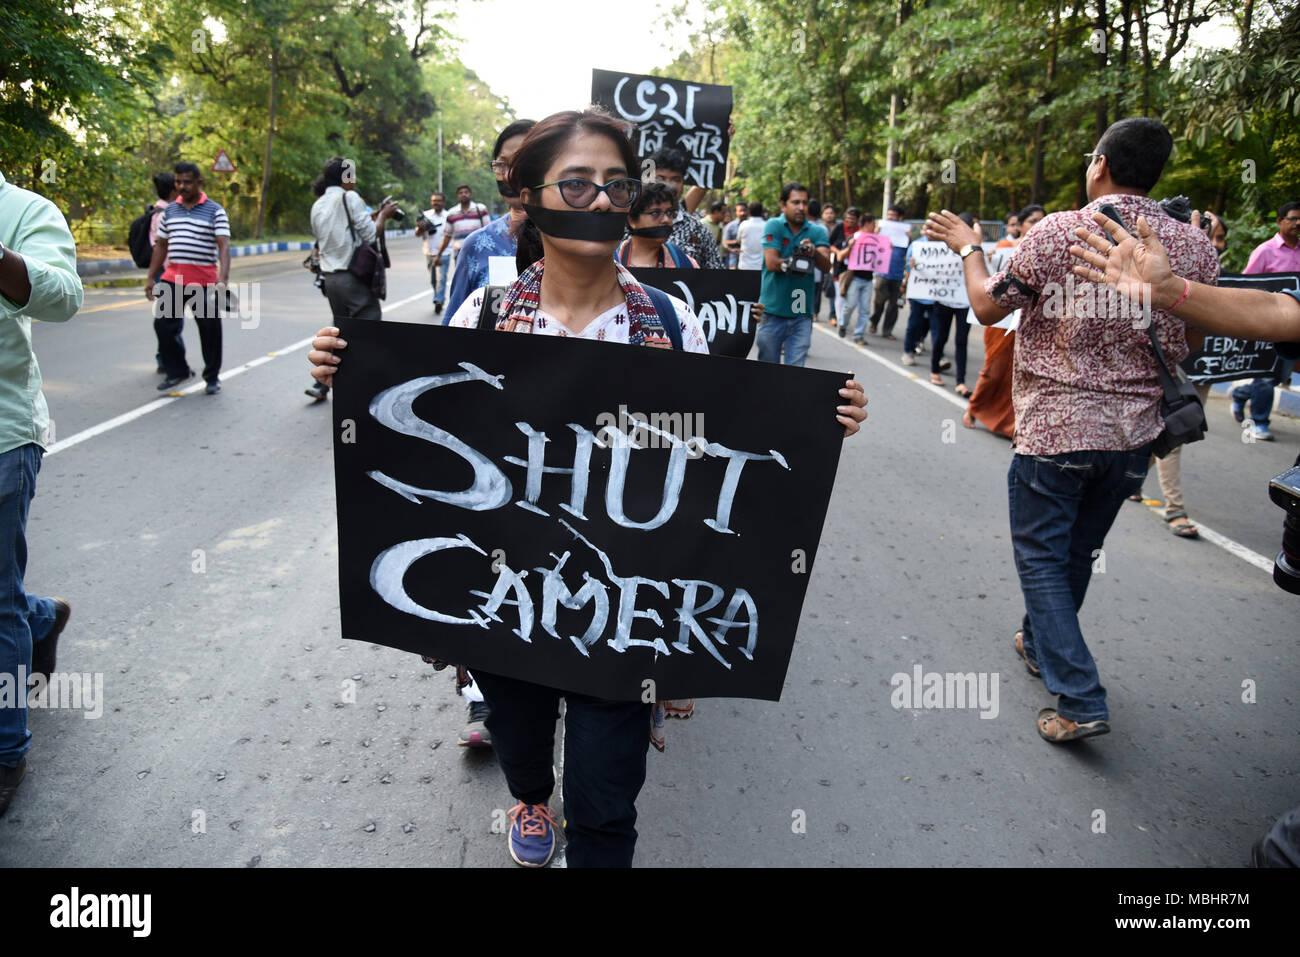 En Kolkata, Bengala Occidental, India. 11 abr, 2018. Ve a una mujer sosteniendo un cartel durante la protesta.Cientos de periodistas protestan contra el presunto ataque del partido gobernante sobre los periodistas a través de bengala durante la nominación de Panchayat cobertura. El rallye empezó en mayo calle Mahatma Gandhi estatua .y culminó en Dorina cruzando en Kolkata. Usando bandas negras en los brazos y cubra su boca con negro bufandas, ciudad de cientos de periodistas, camarógrafos y fotógrafos participaron en la manifestación de protesta. Crédito: Zuma Press, Inc./Alamy Live News Foto de stock